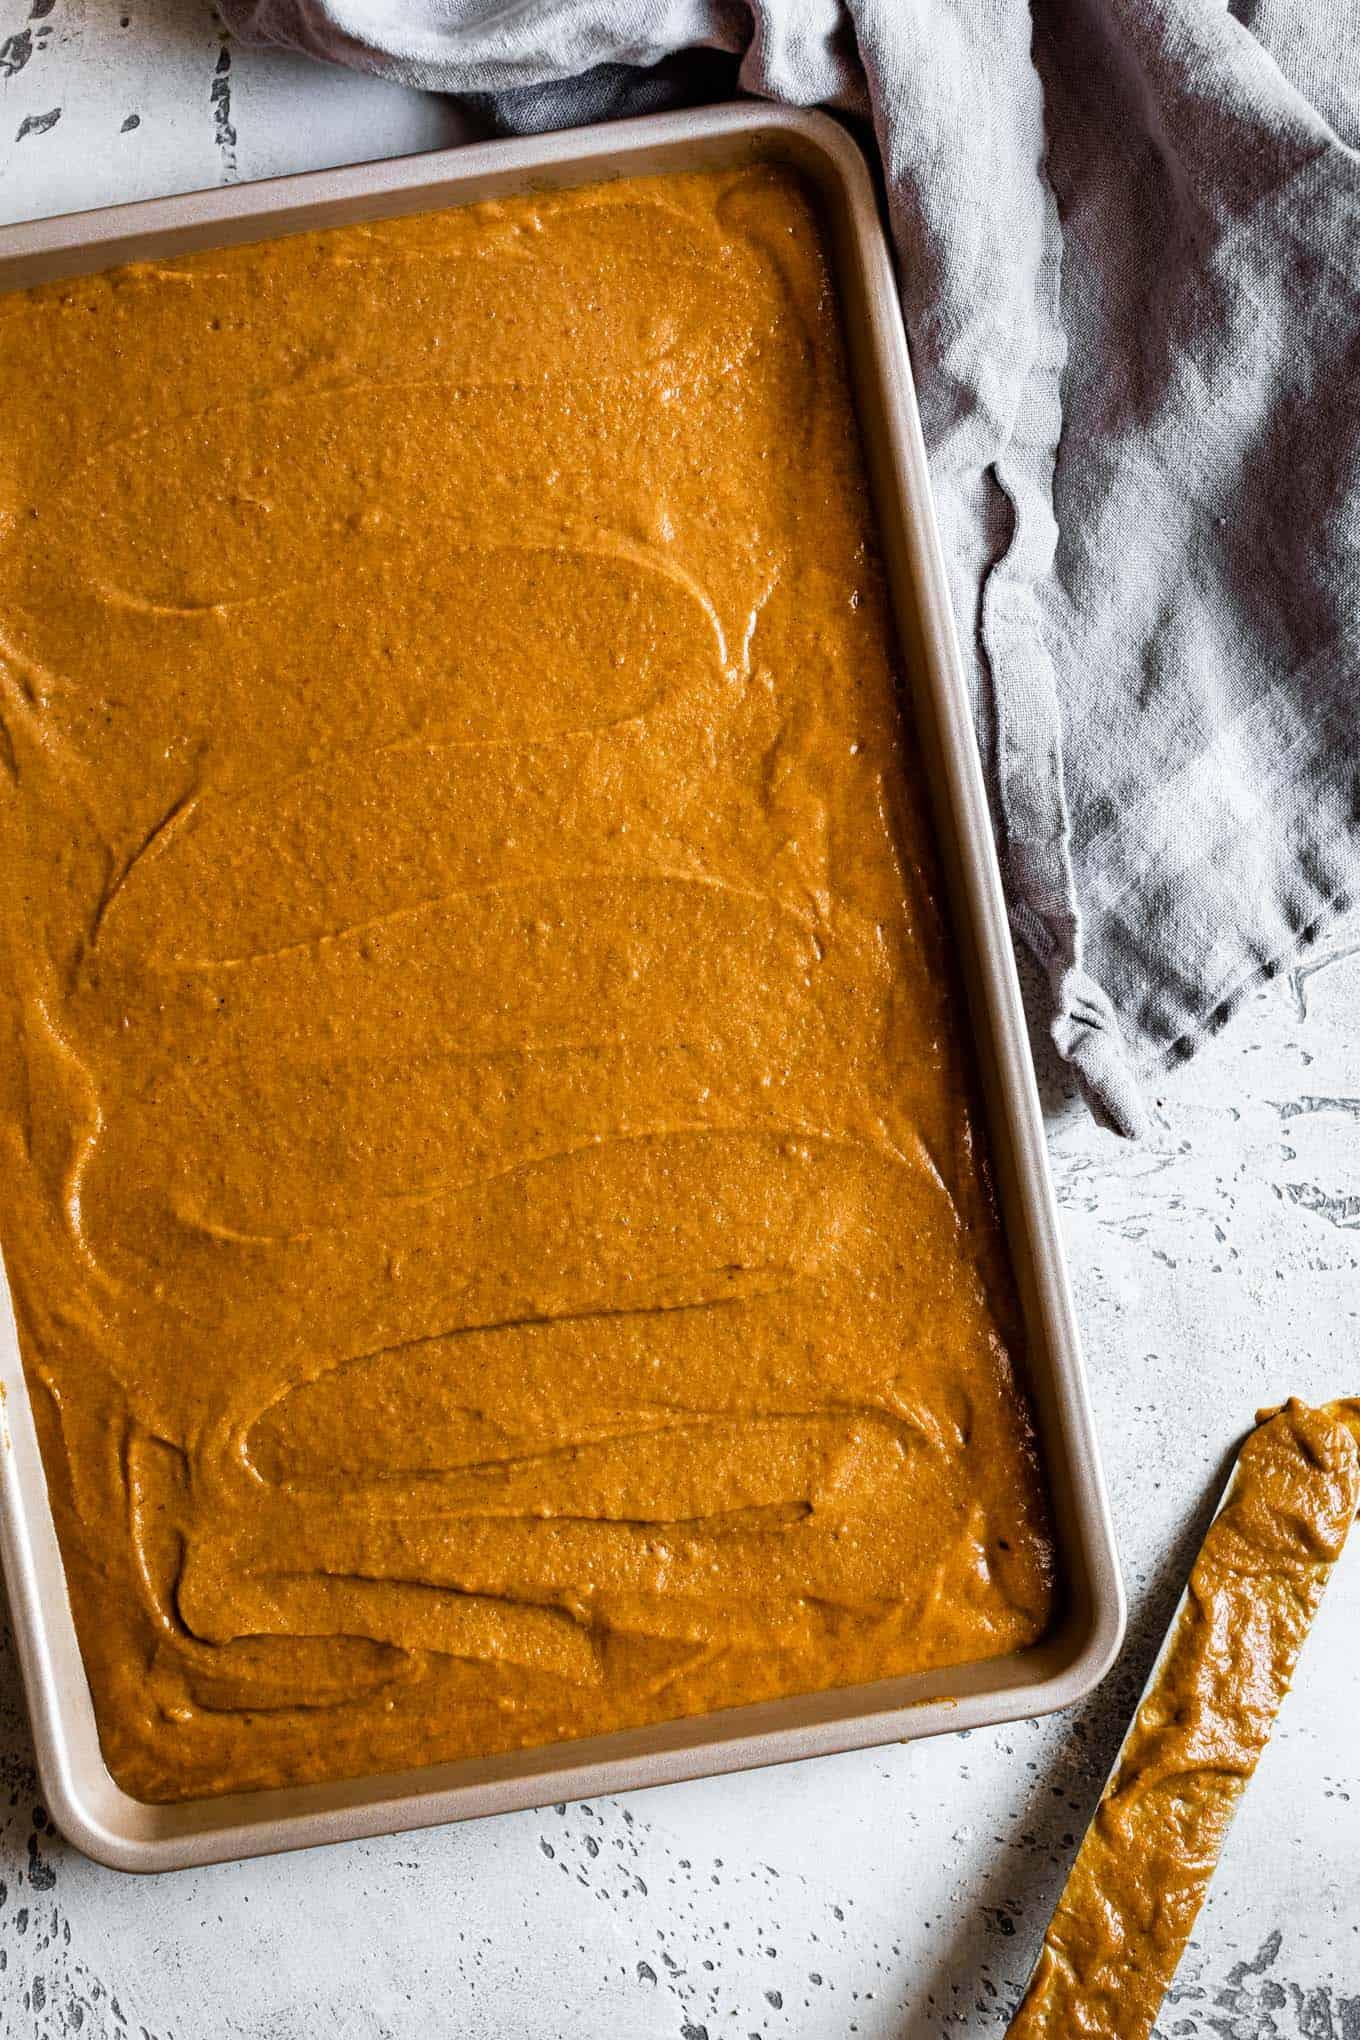 How to Make Gluten-Free Sheet Pan Cake